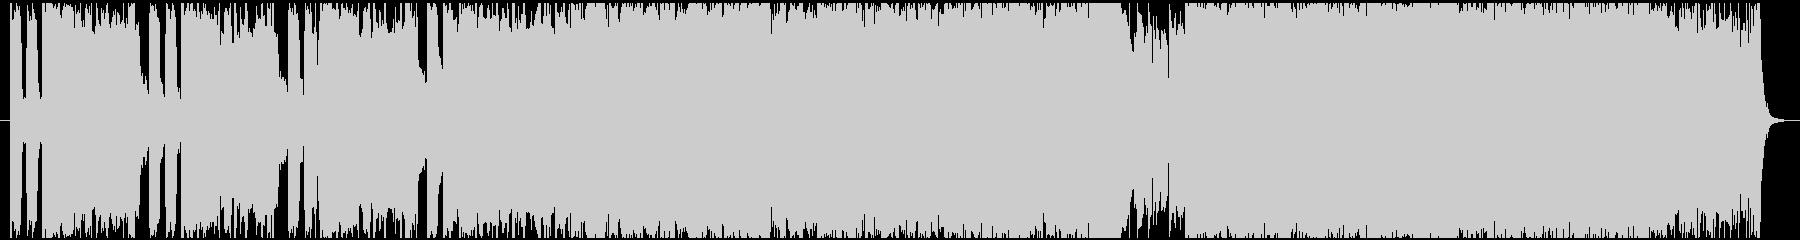 ポストロック風短めインストの未再生の波形